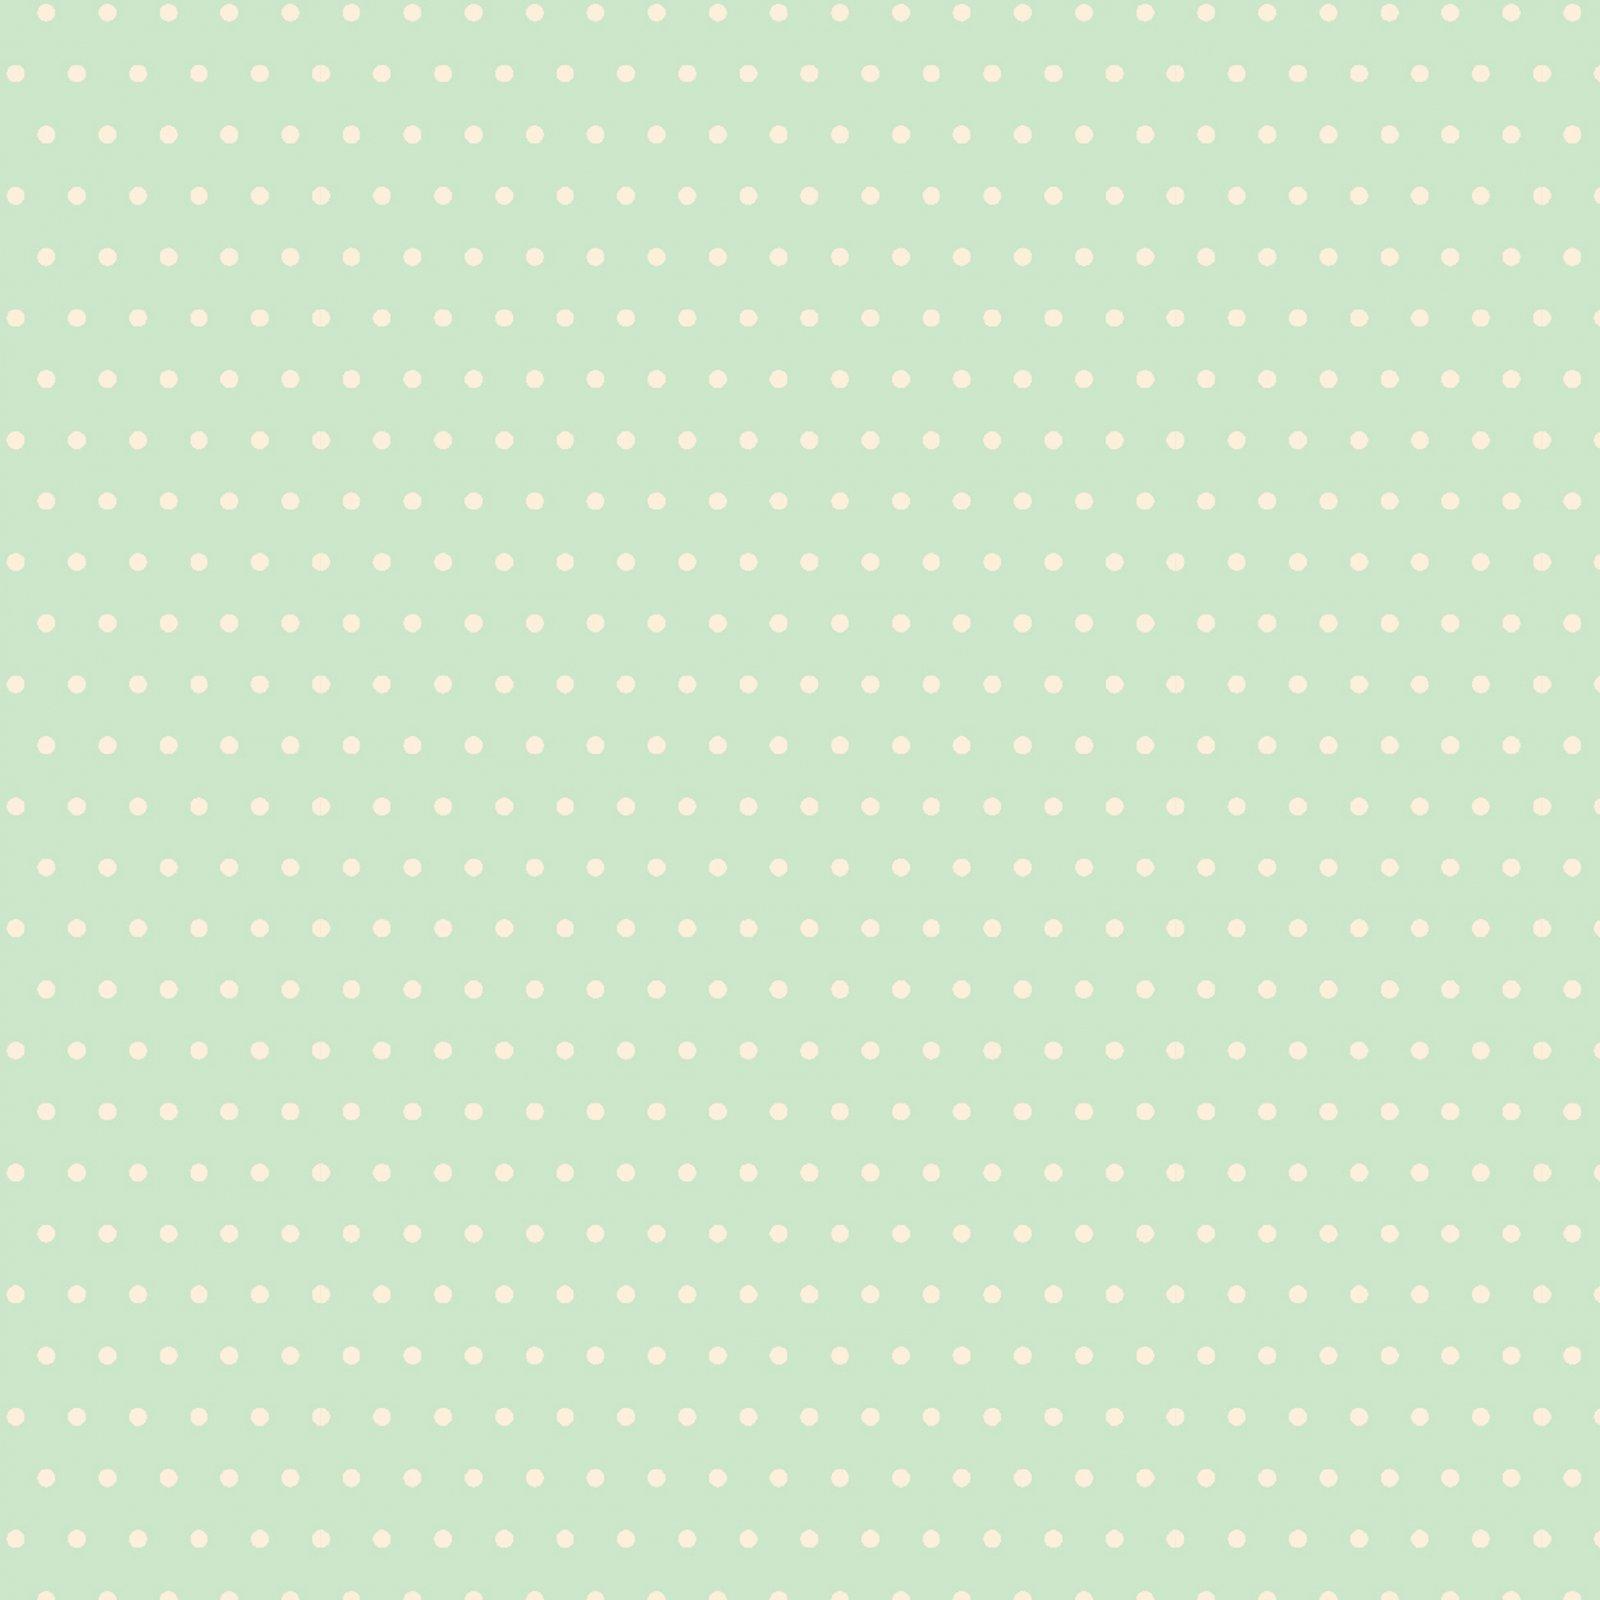 Little Wren Cottage Coordinate - Mint Dots